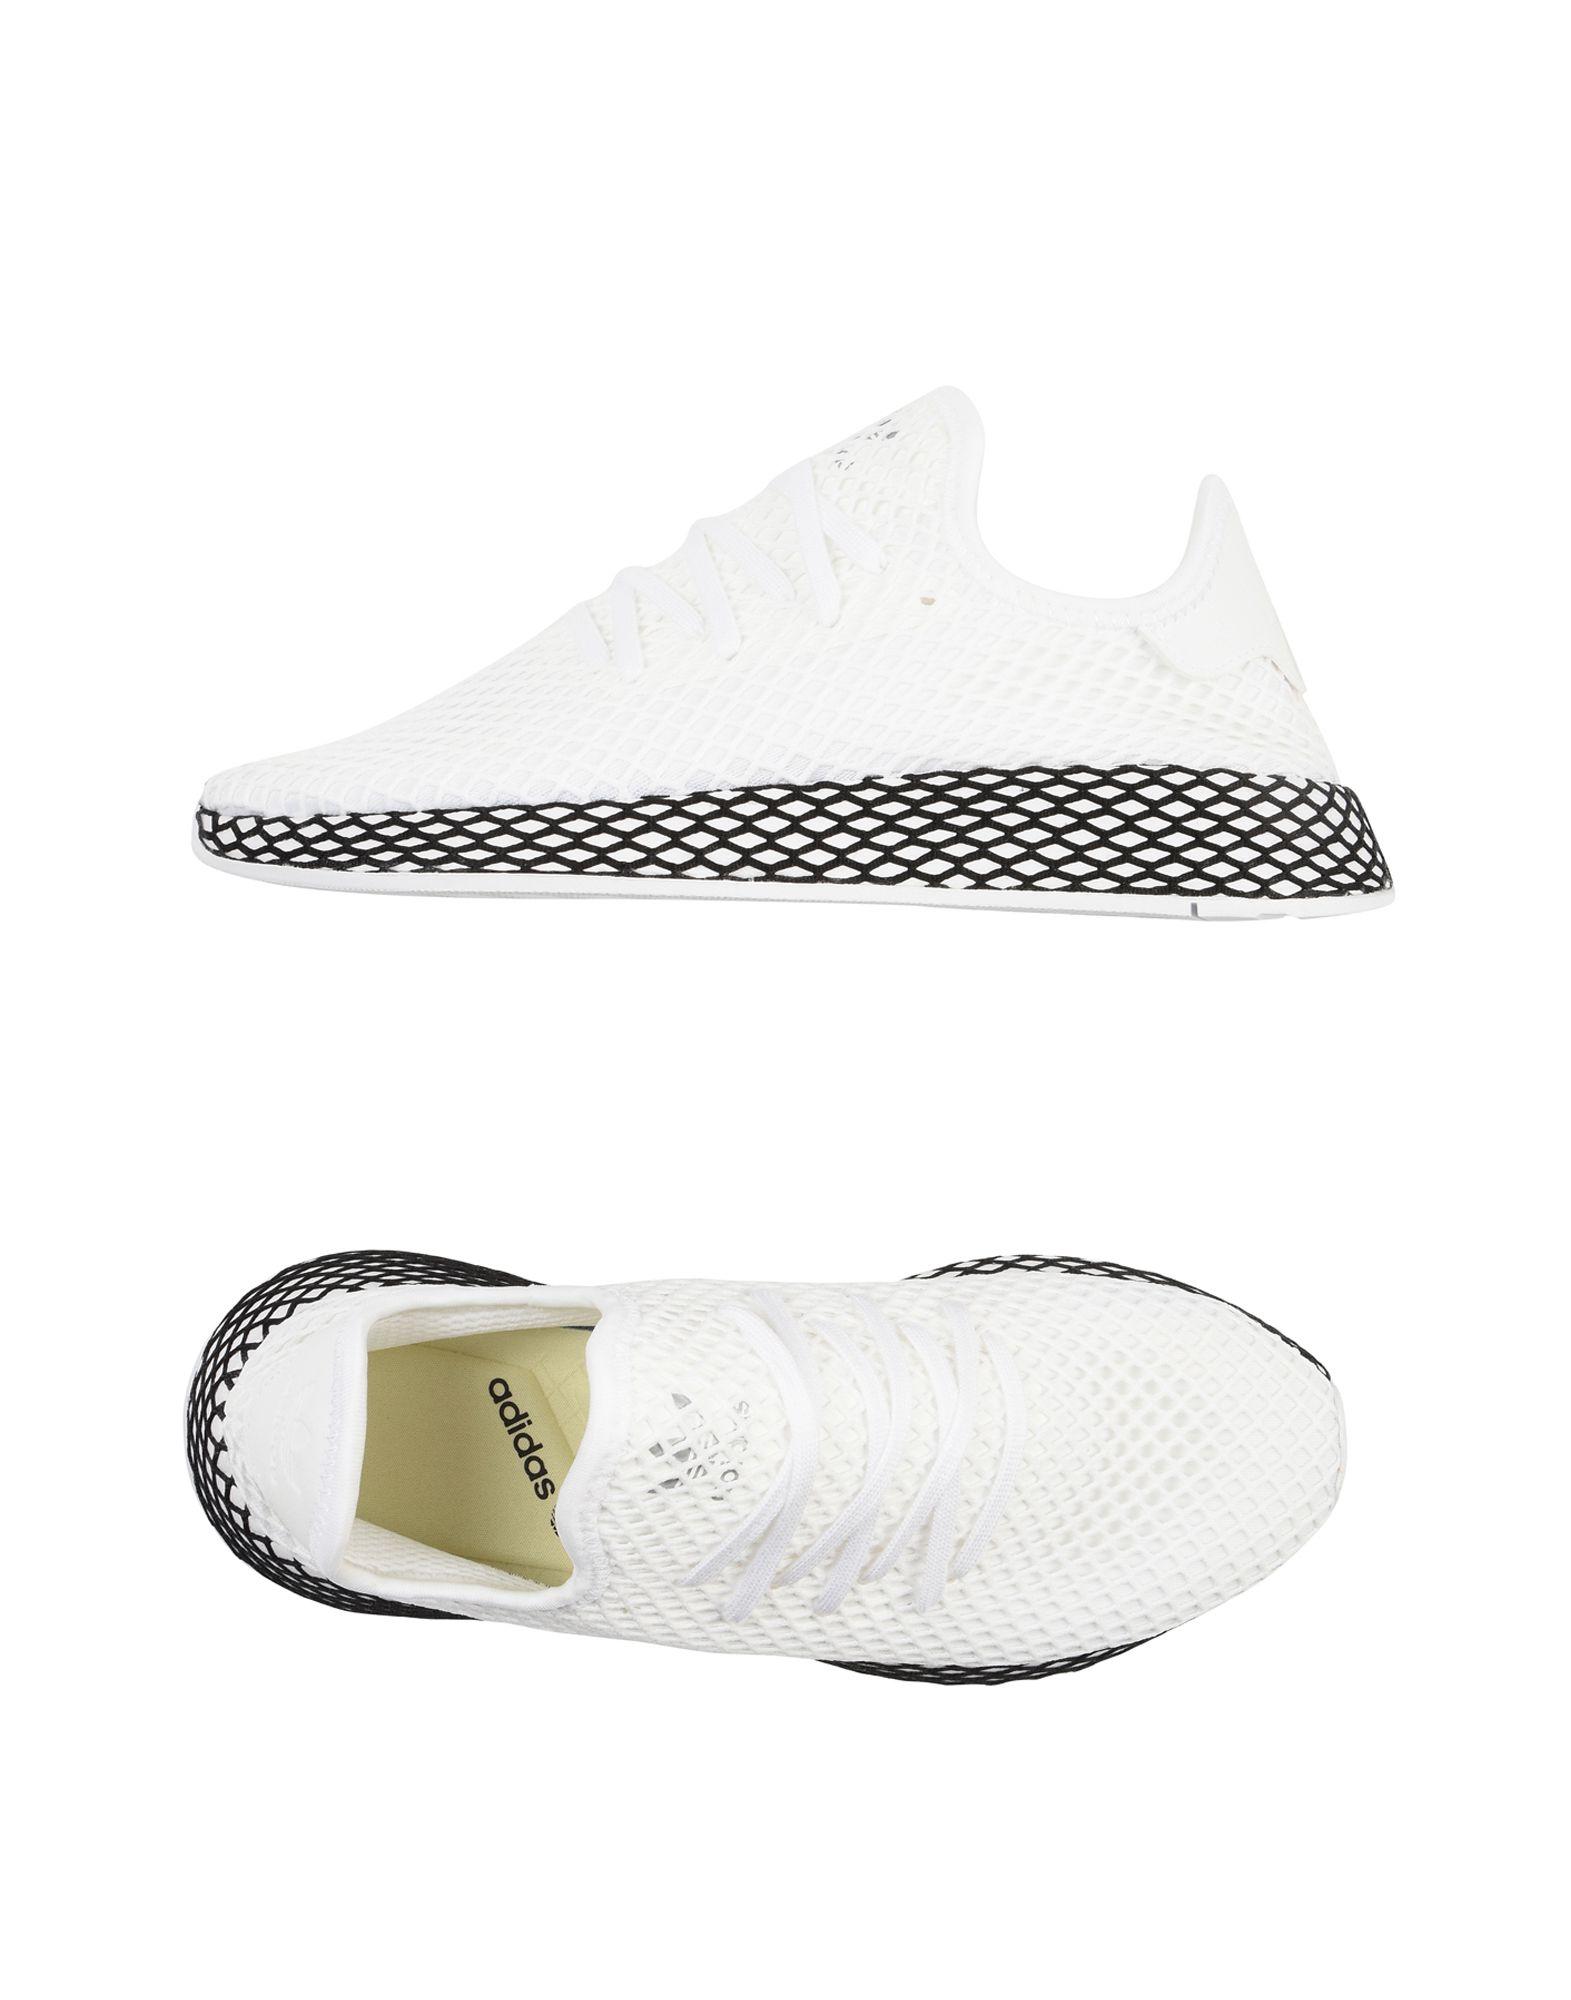 《送料無料》ADIDAS ORIGINALS メンズ スニーカー&テニスシューズ(ローカット) ホワイト 7 紡績繊維 DEERUPT RUNNER